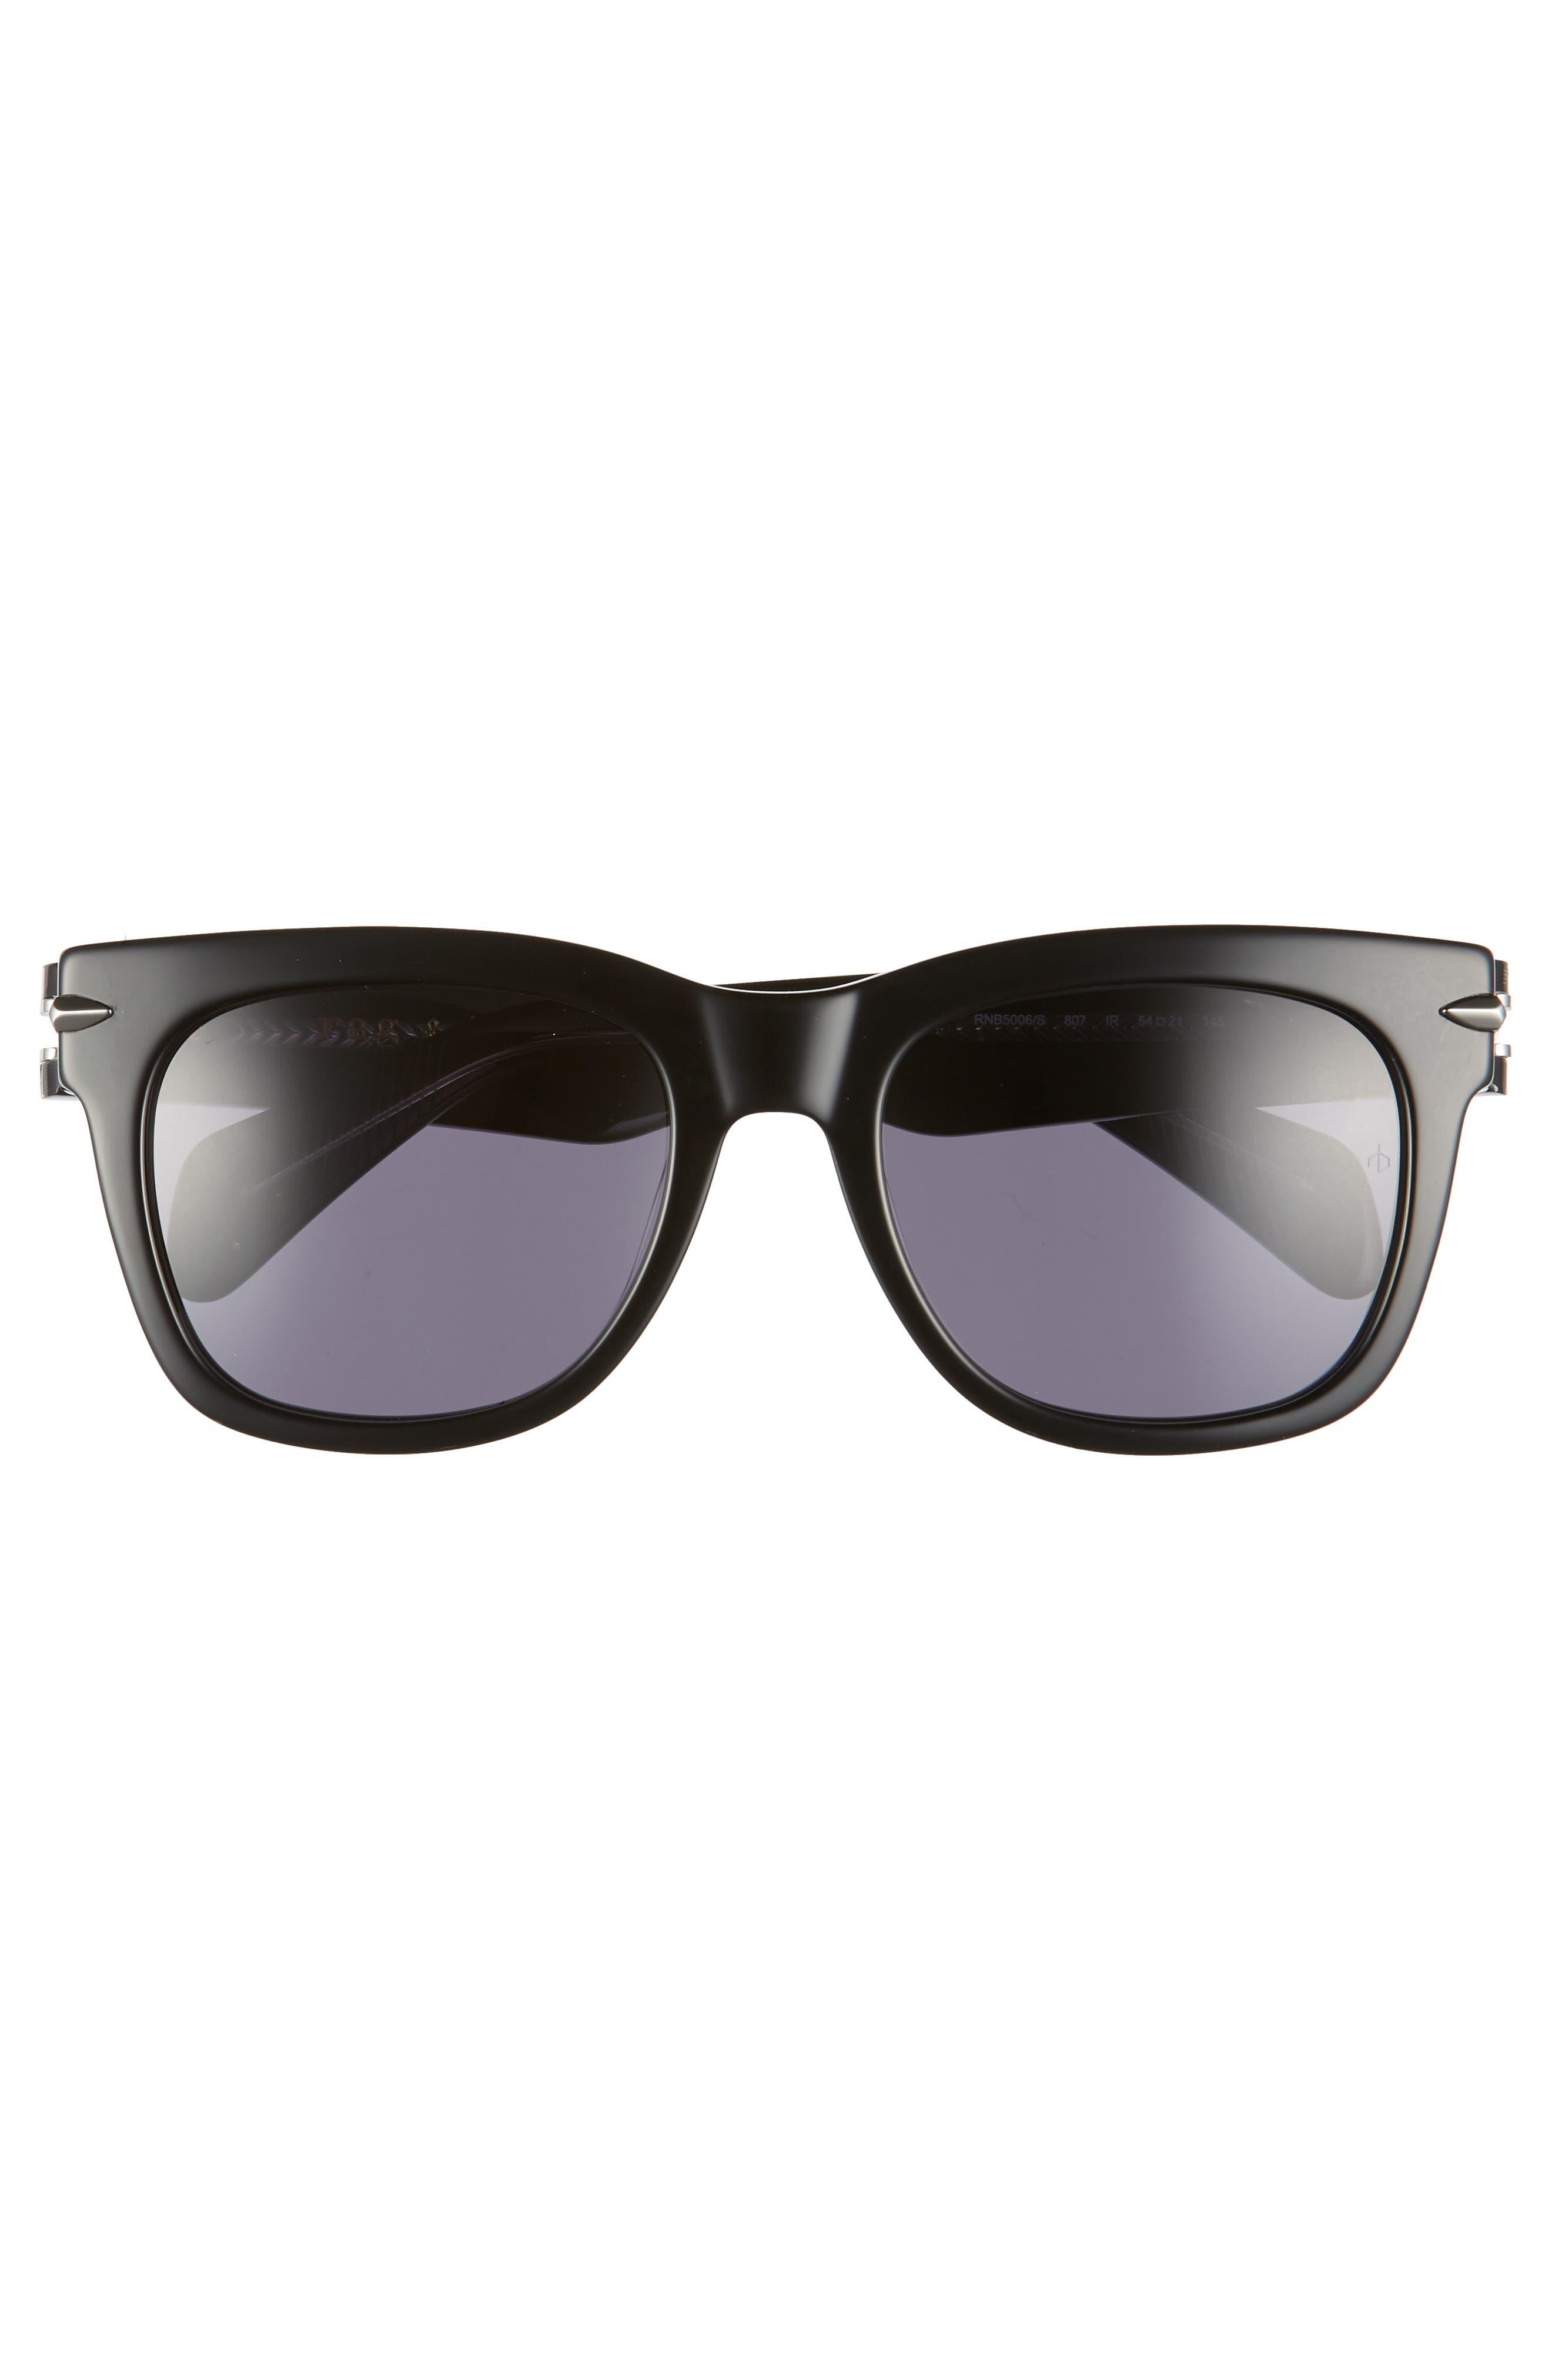 54mm Polarized Sunglasses,                             Alternate thumbnail 3, color,                             BLACK